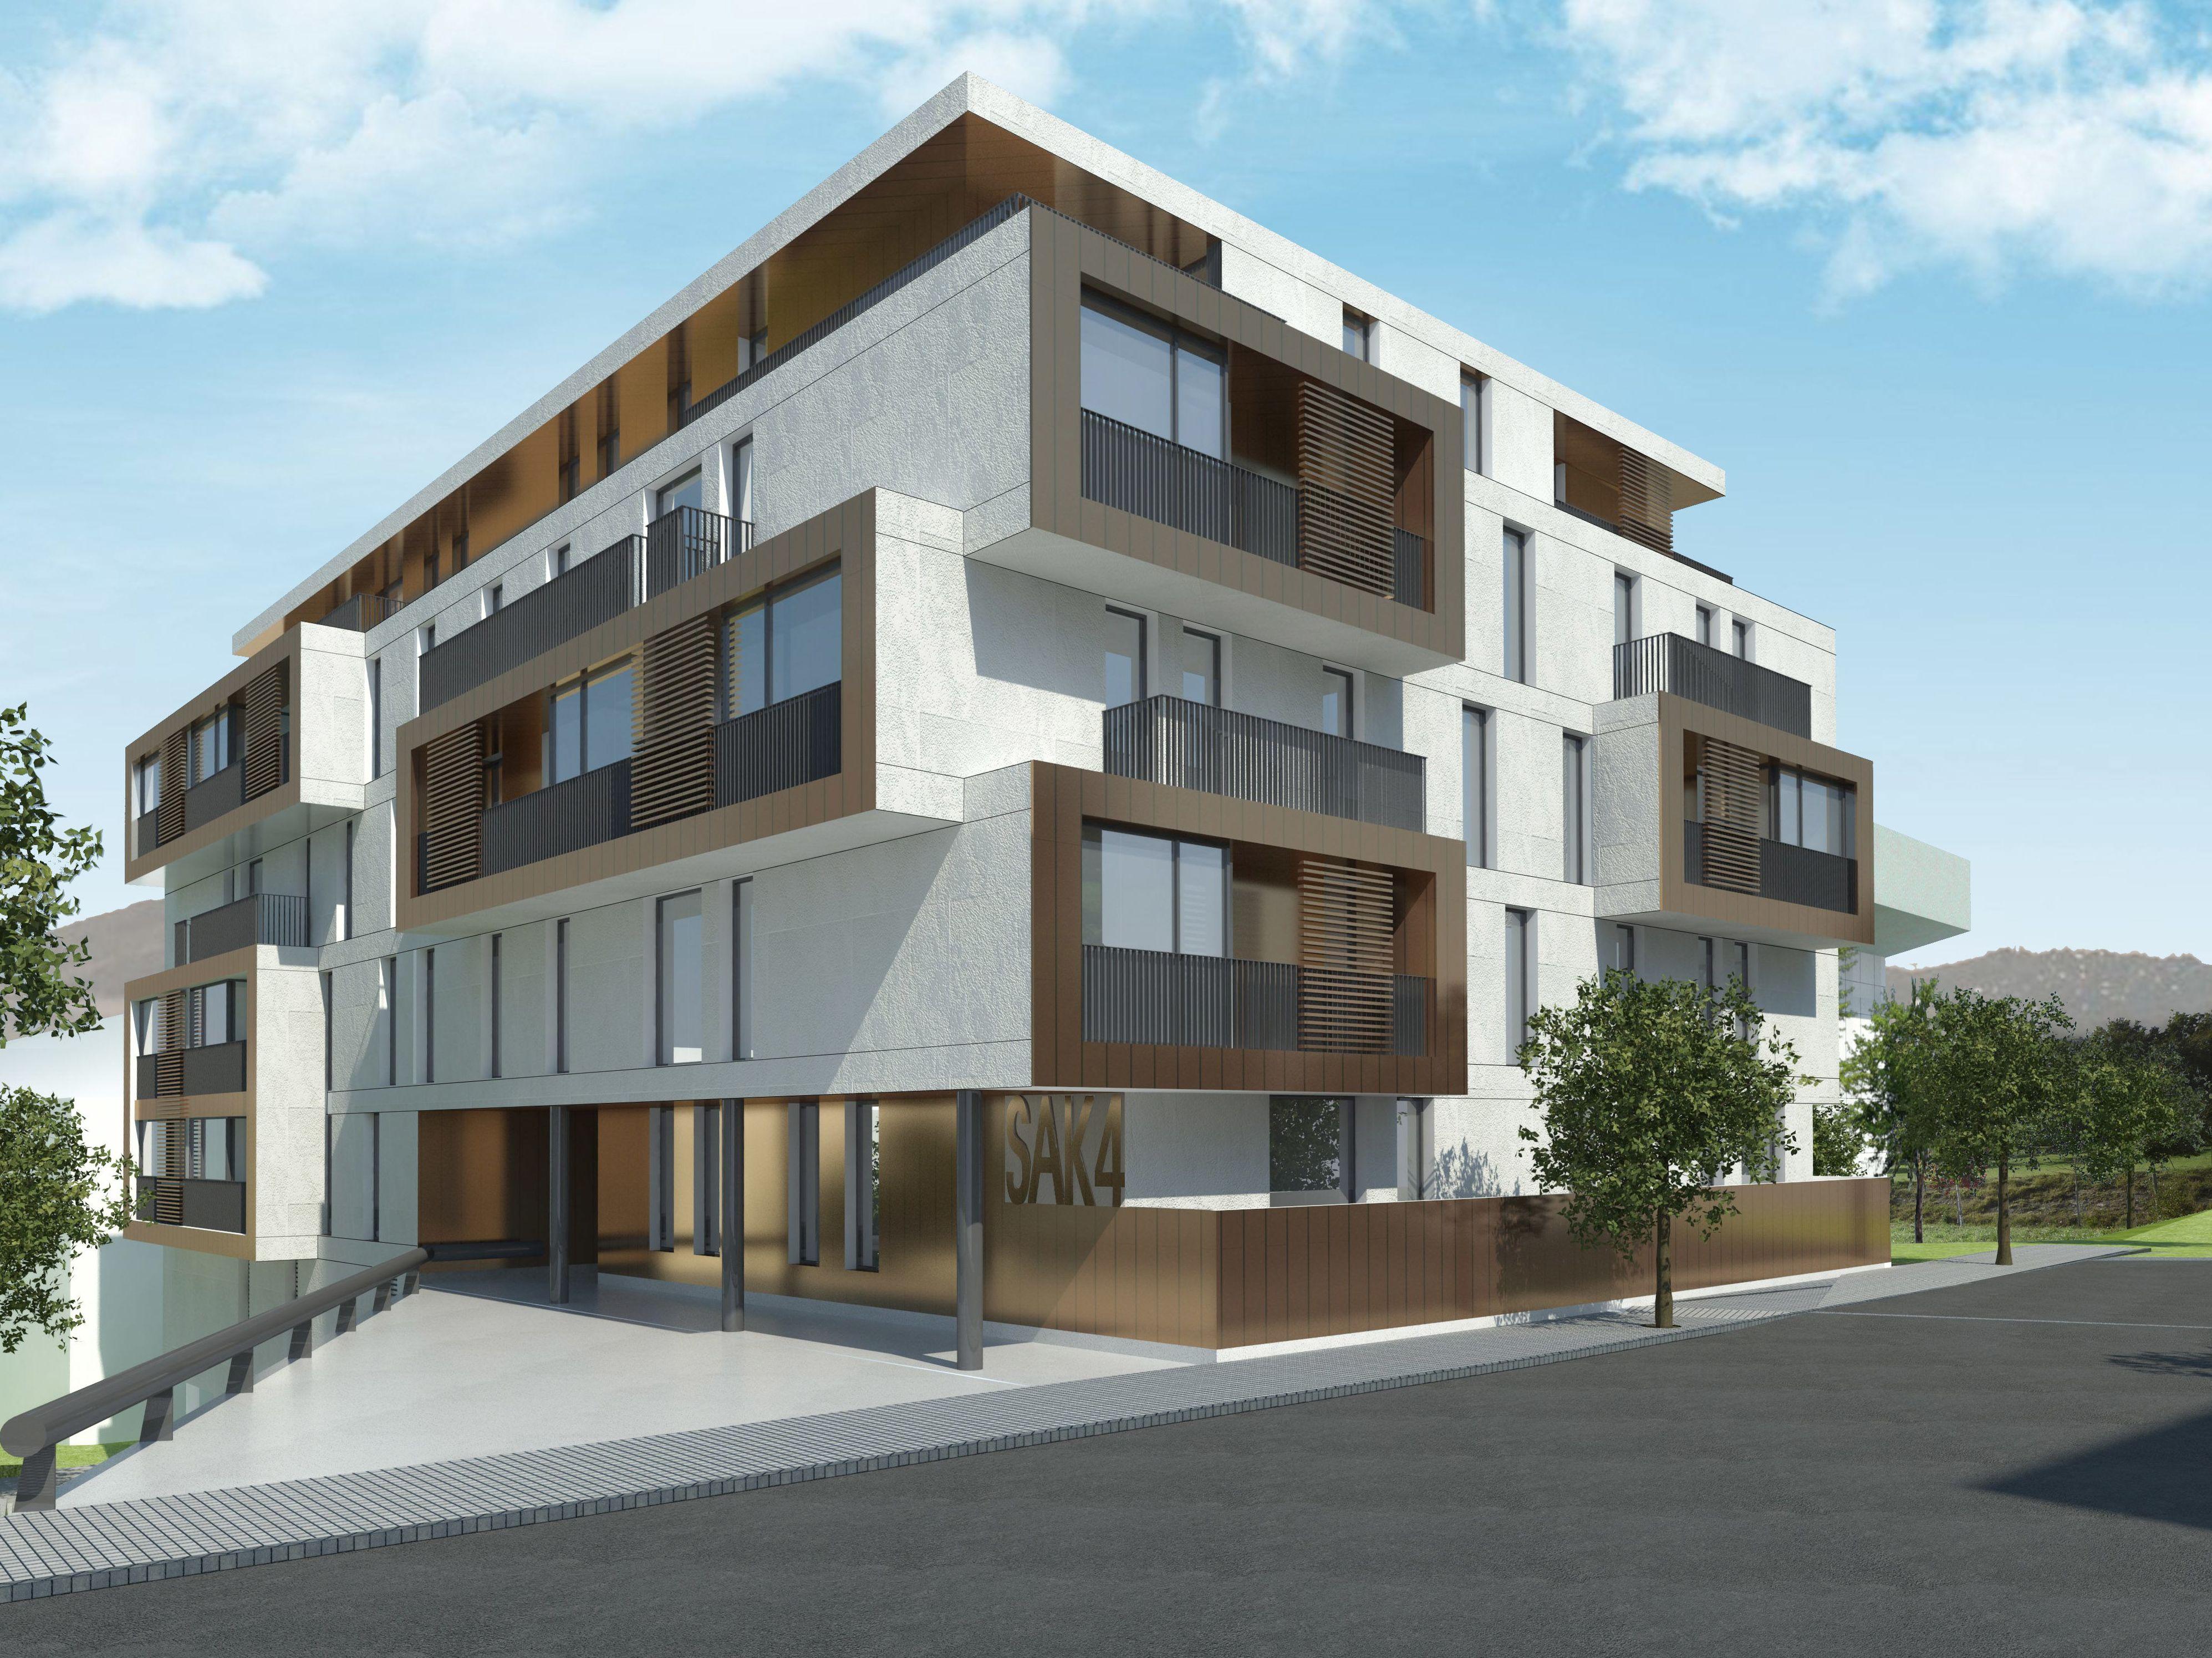 Gestora de cooperativas de viviendas en Euskadi